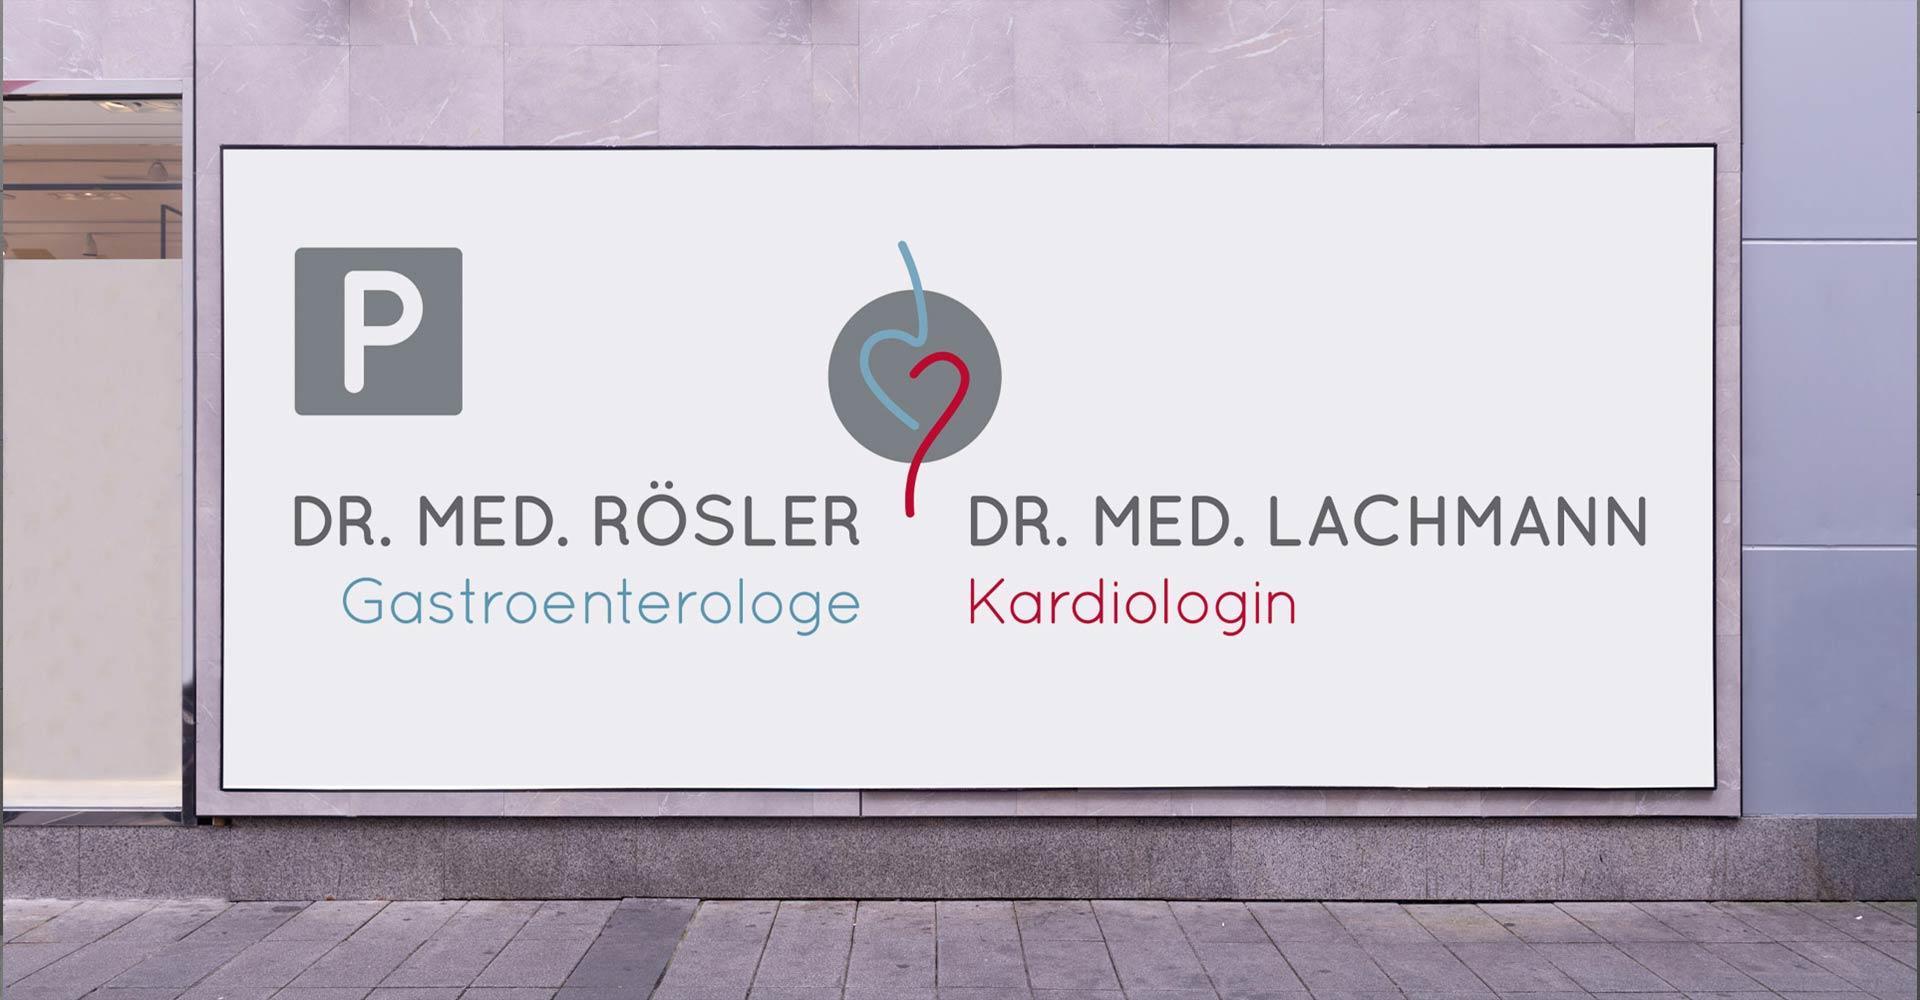 OPUS Marketing / Dr. Rösler und Dr. Lachmann / Praxisausstattung Parkplatzschild